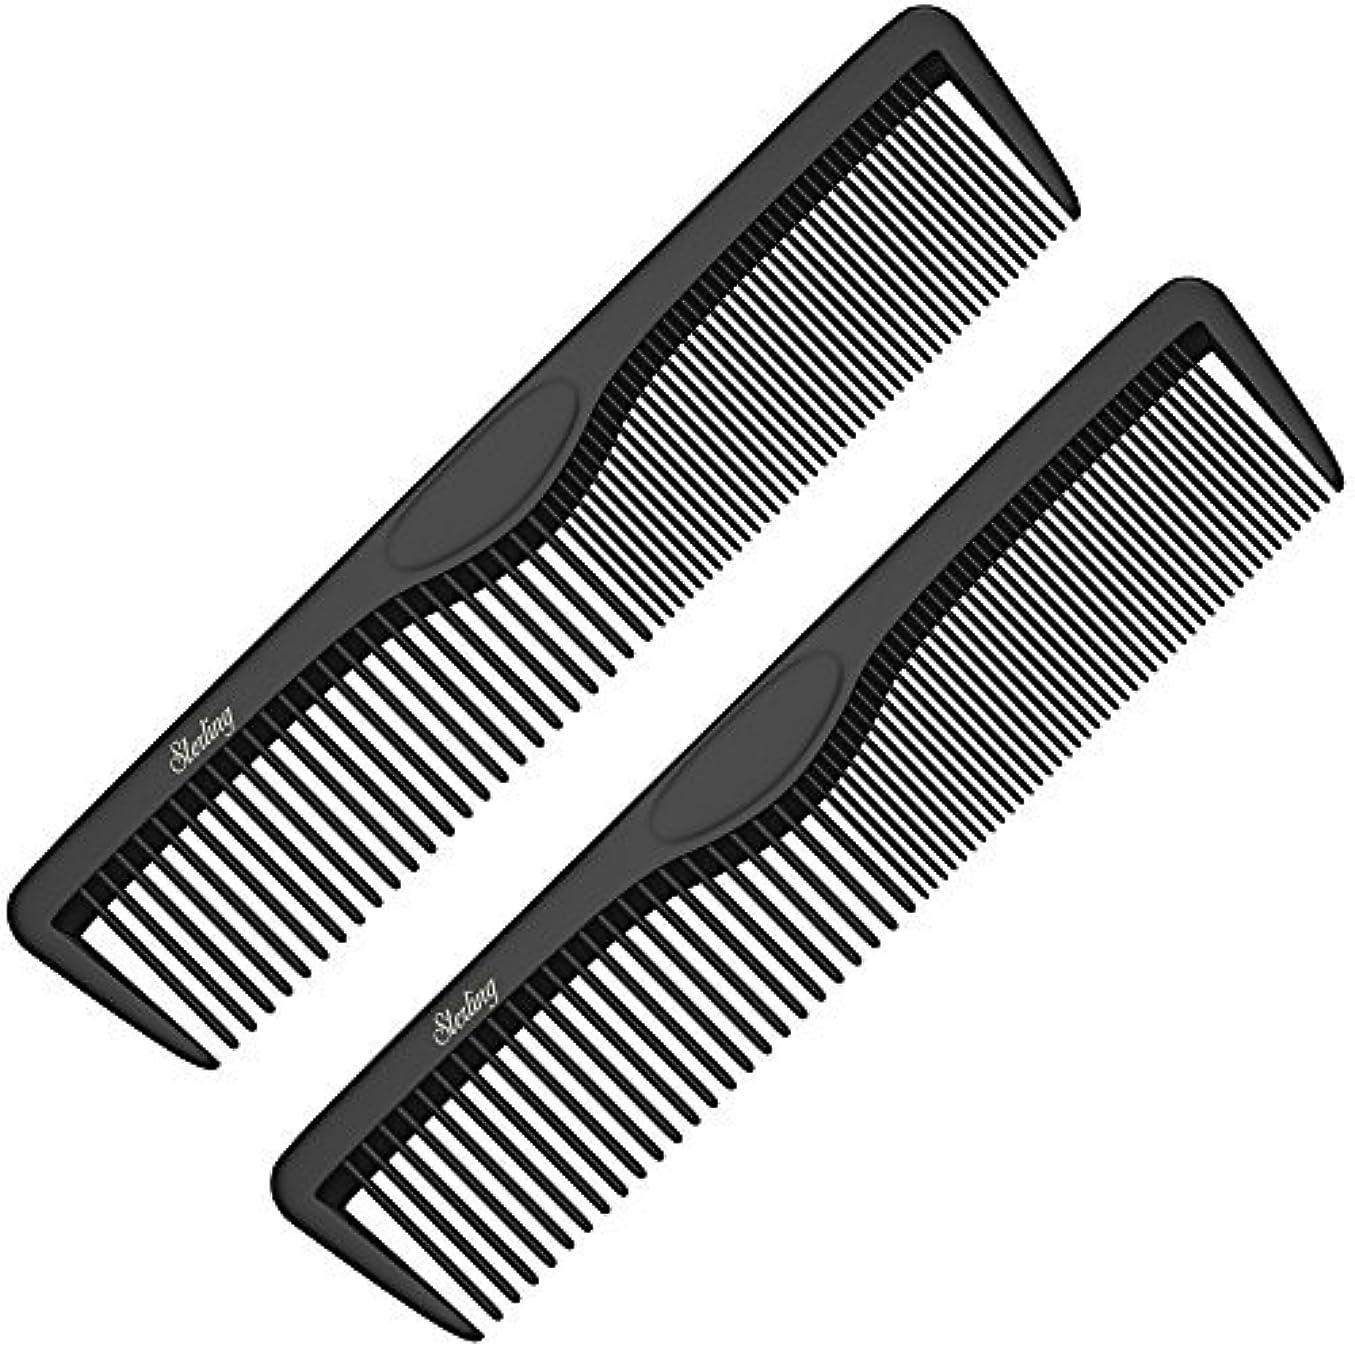 地上でびっくり可決Pocket Combs   2 Pack   Professional 5 Inch Black Carbon Fiber Hair Comb   Fine And Wide Tooth Travel Comb Set   Anti Static Chemical and Heat Resistant   Mens Beard And Styling Haircomb Supplies   Ba [並行輸入品]